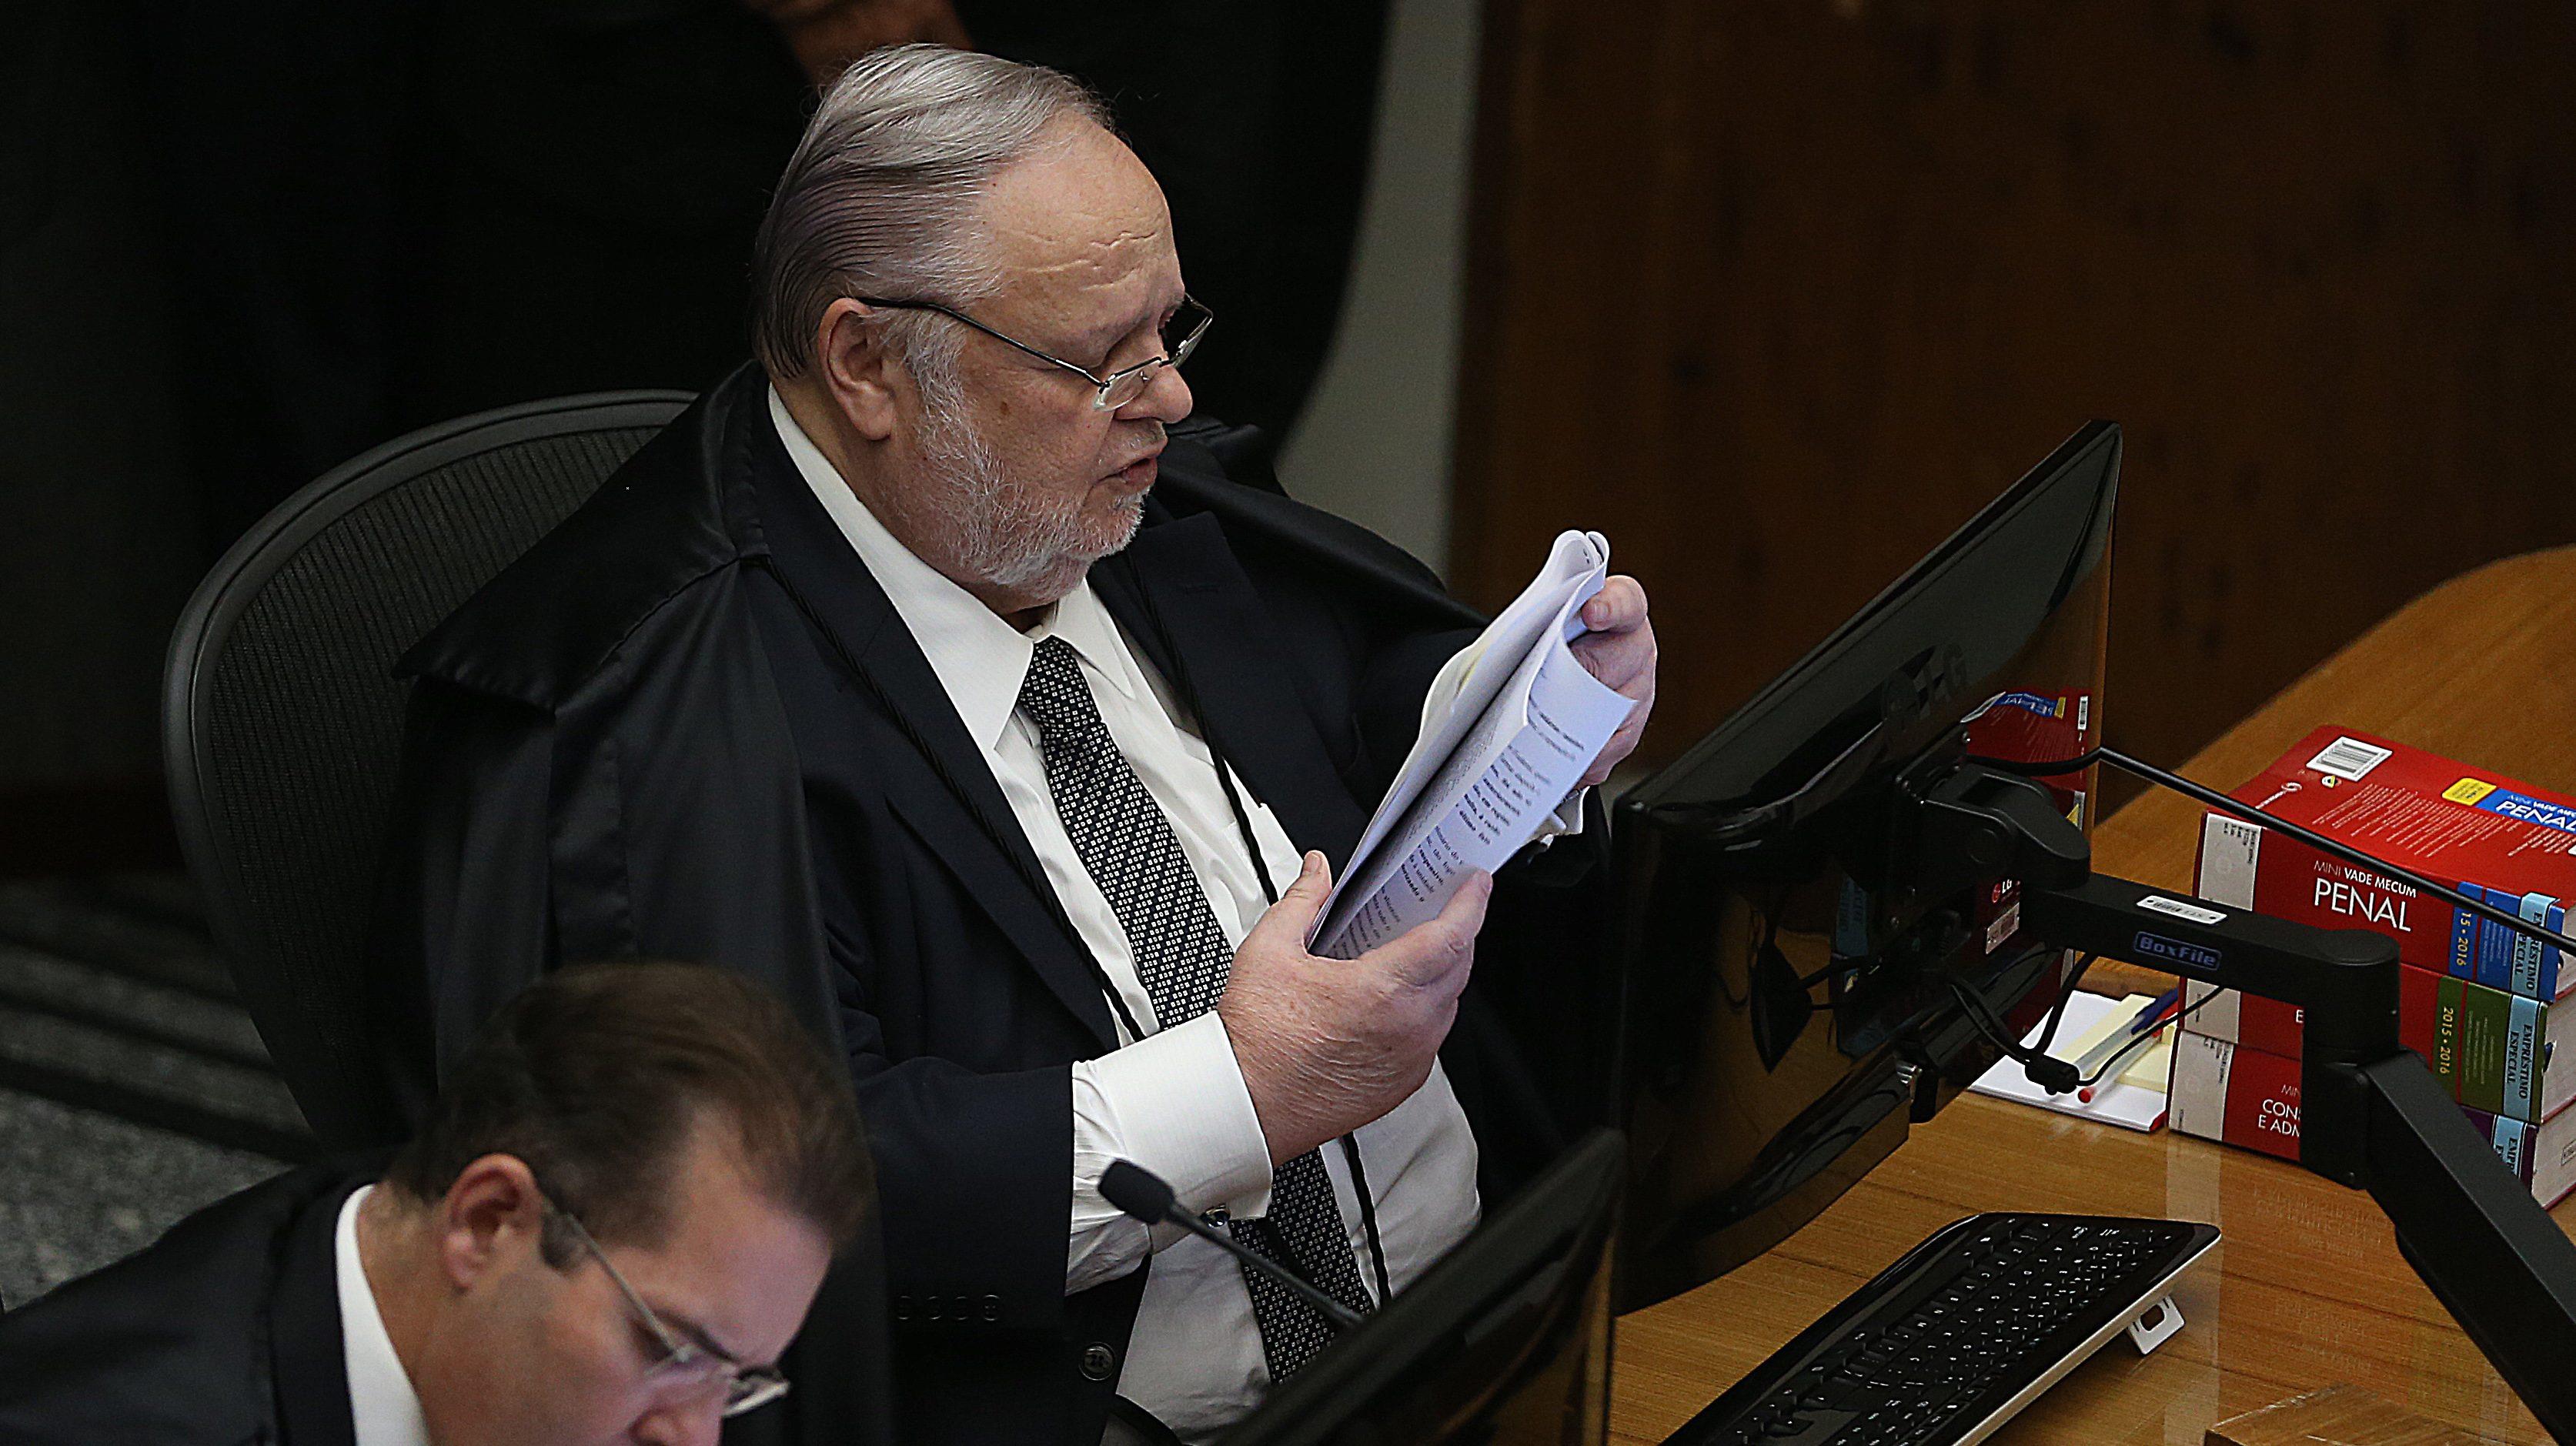 Urgente: relator do 'caso Queiroz' no STJ é internado para cirurgia de emergência